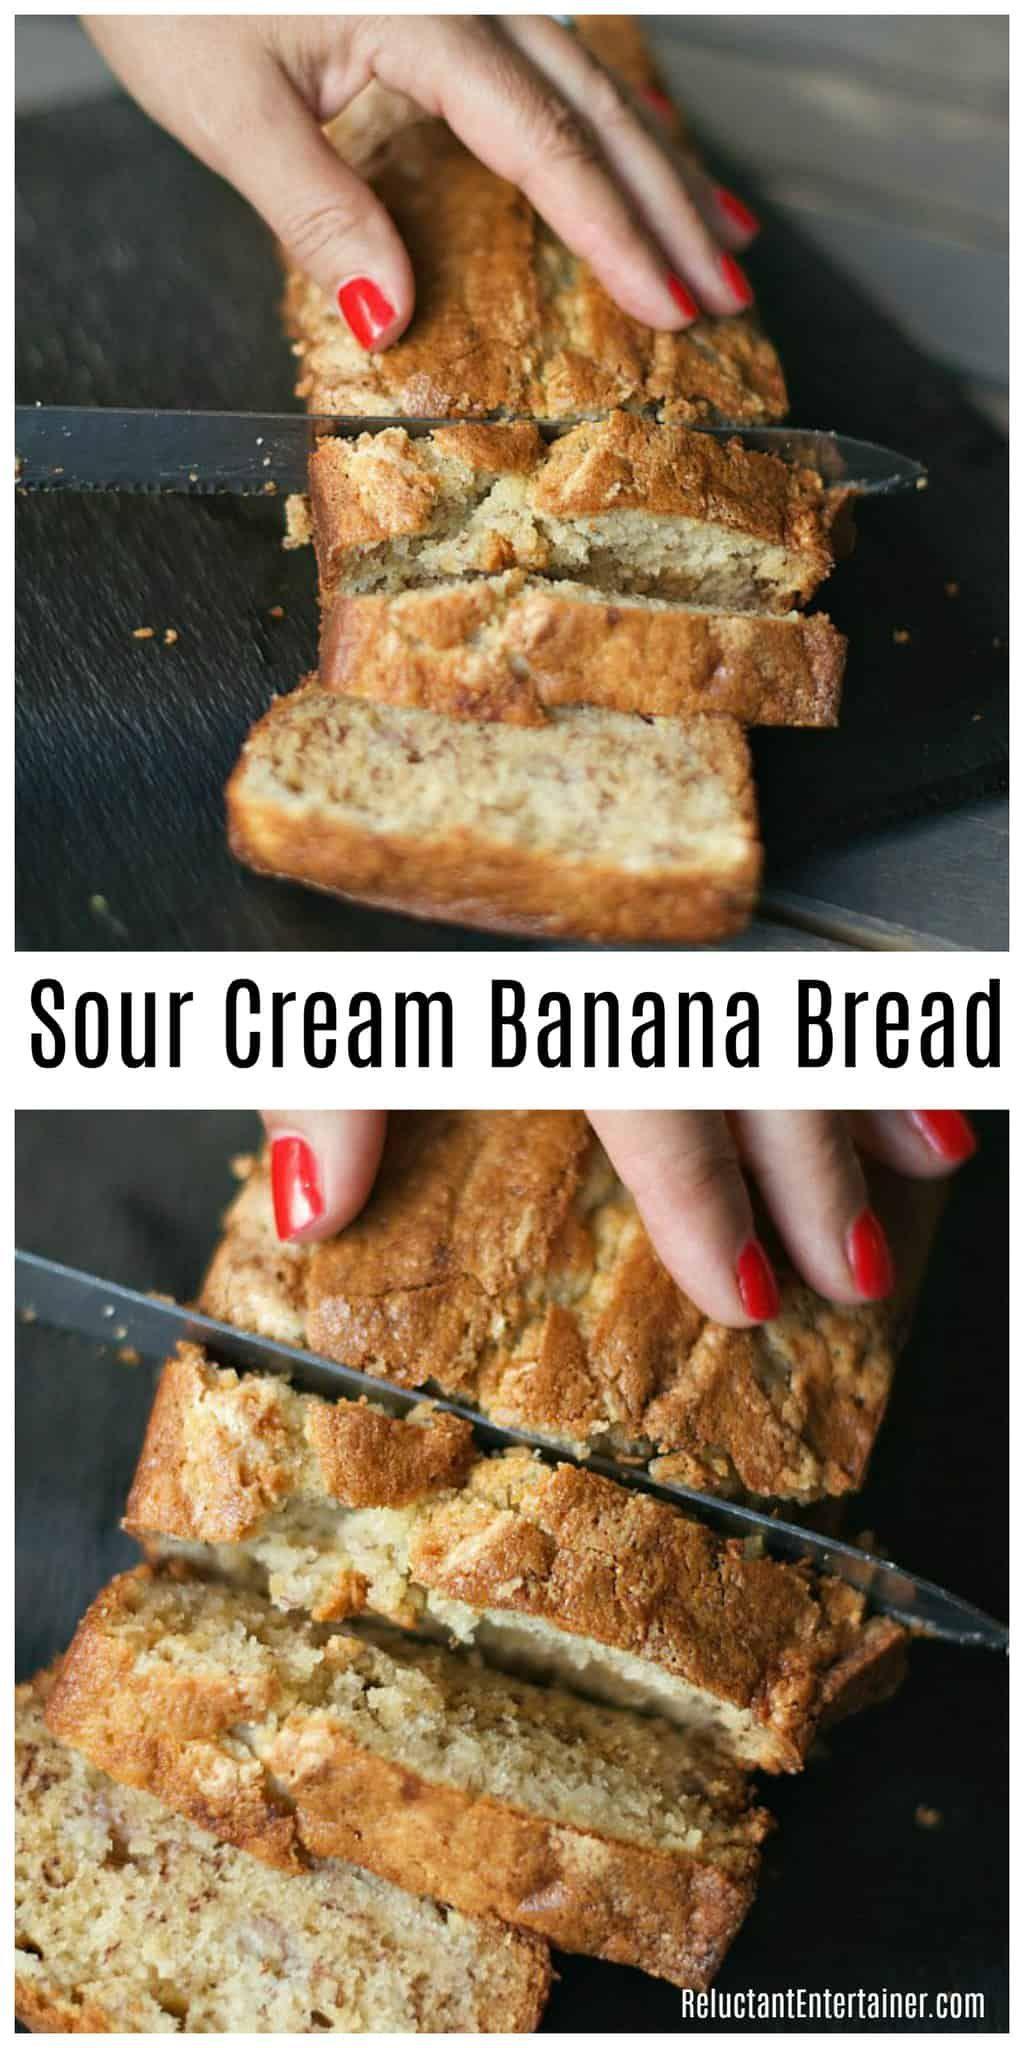 Best Ever Sour Cream Banana Bread In 2020 Sour Cream Banana Bread Sour Cream Recipes Banana Bread Recipe Moist